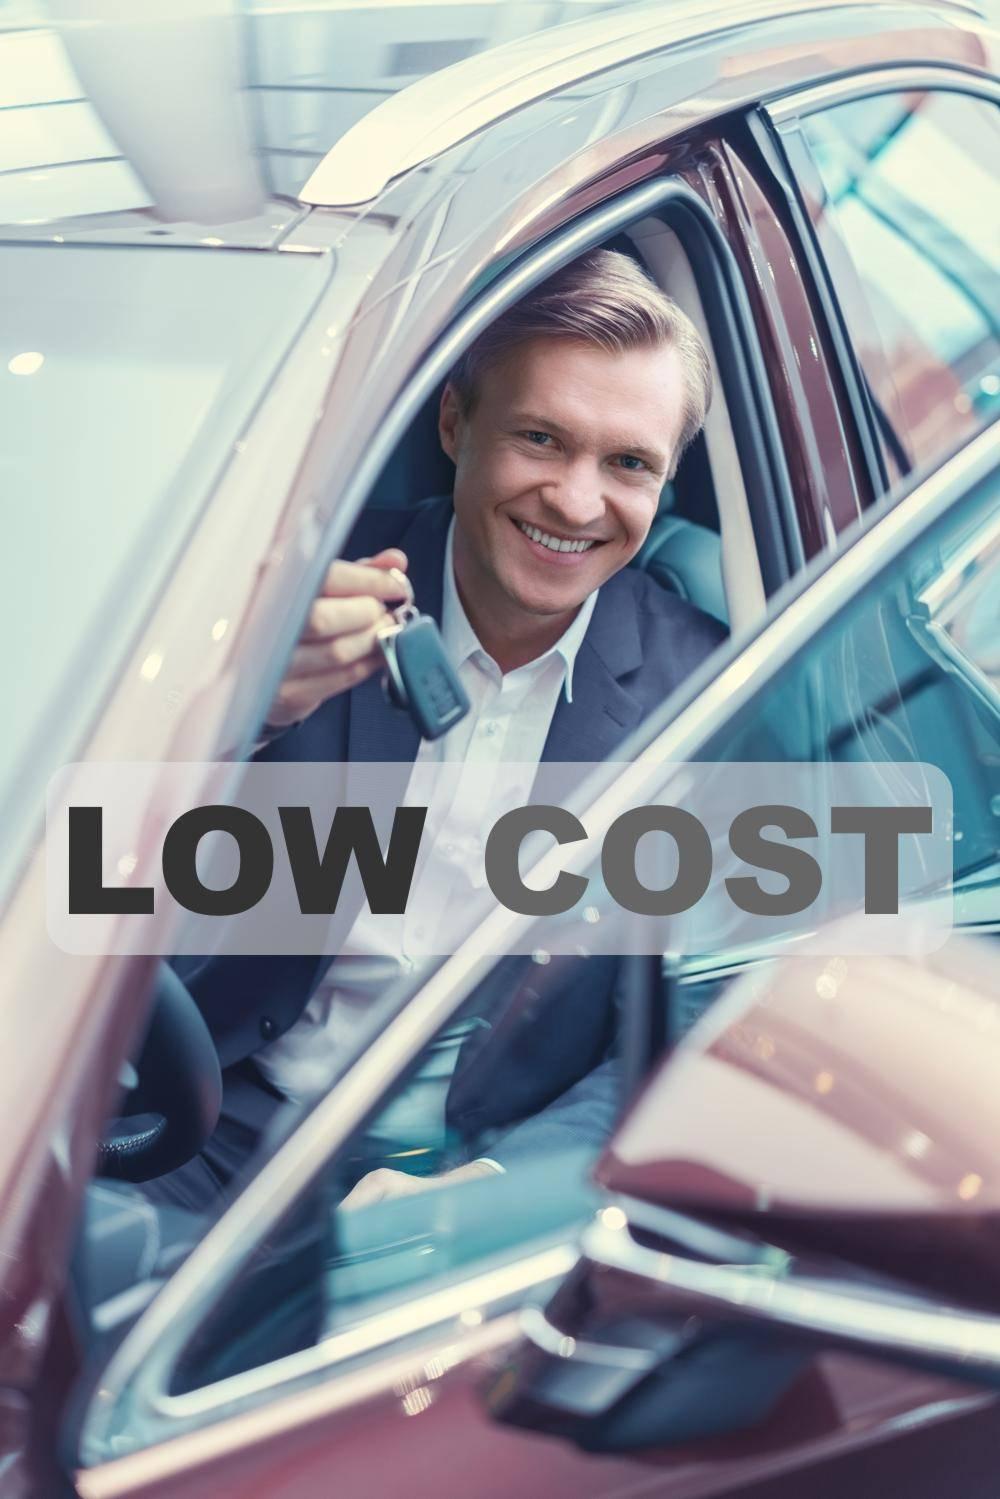 noleggio auto basso costo